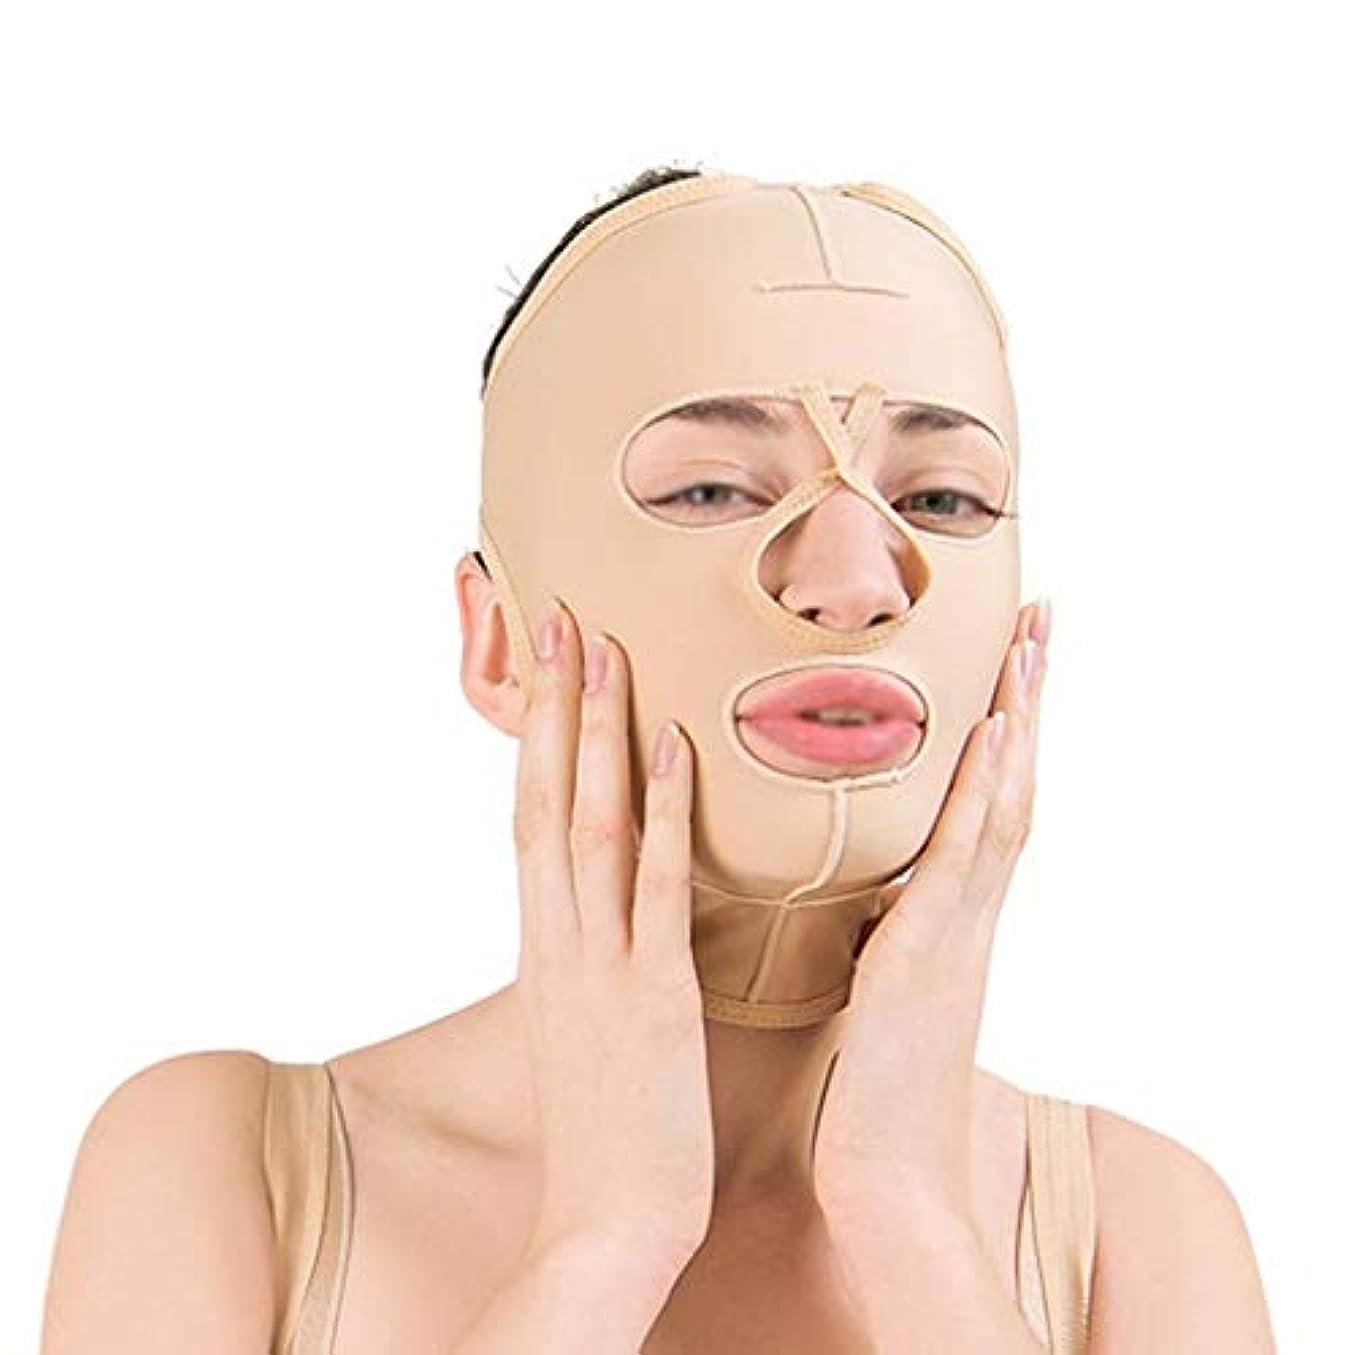 セットするビーム消化フェイススリミングマスク、フェイスバンデージ付きフェイシャル減量マスク、通気性フェイスリフト、引き締め、フェイスリフティング(サイズ:L),S